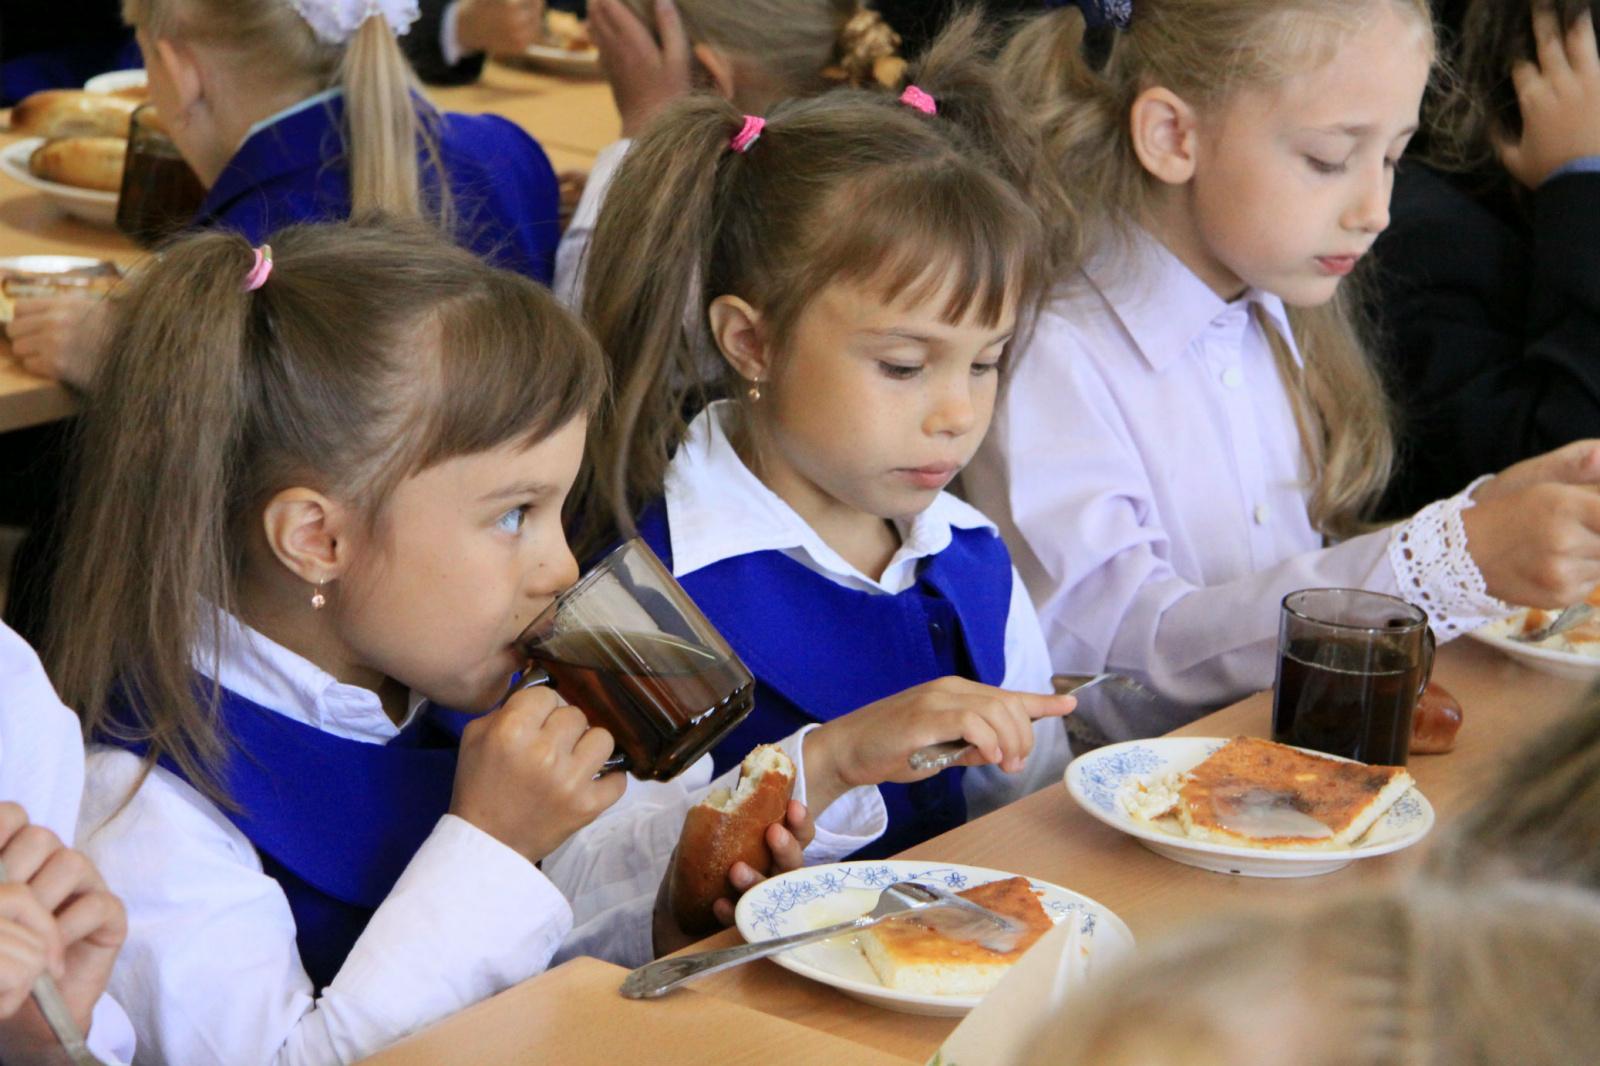 Оплата для школьного питания в оренбурге многодетным